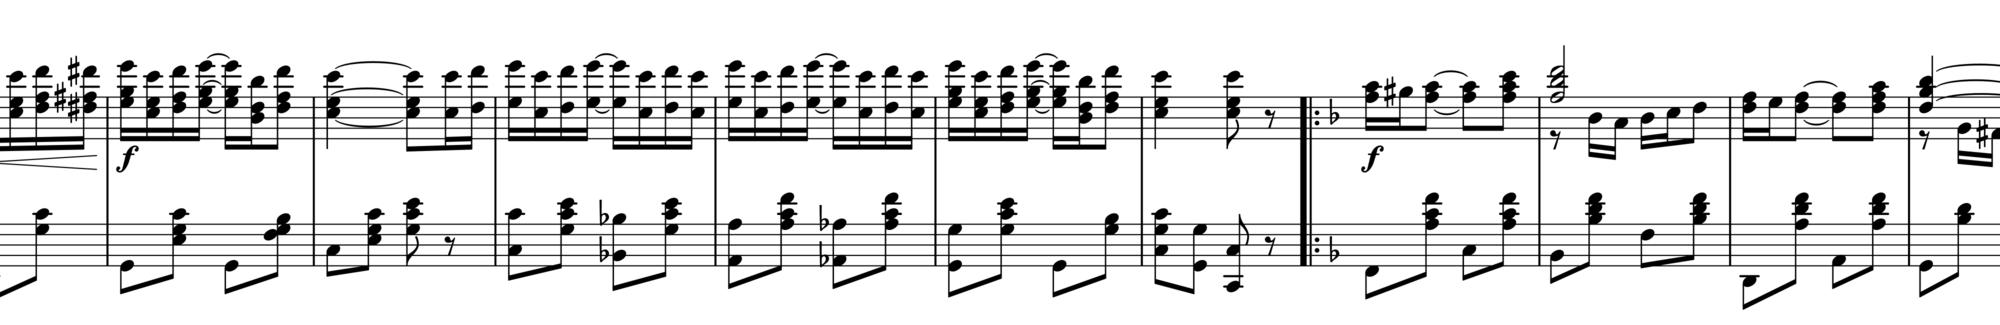 Part_5_150